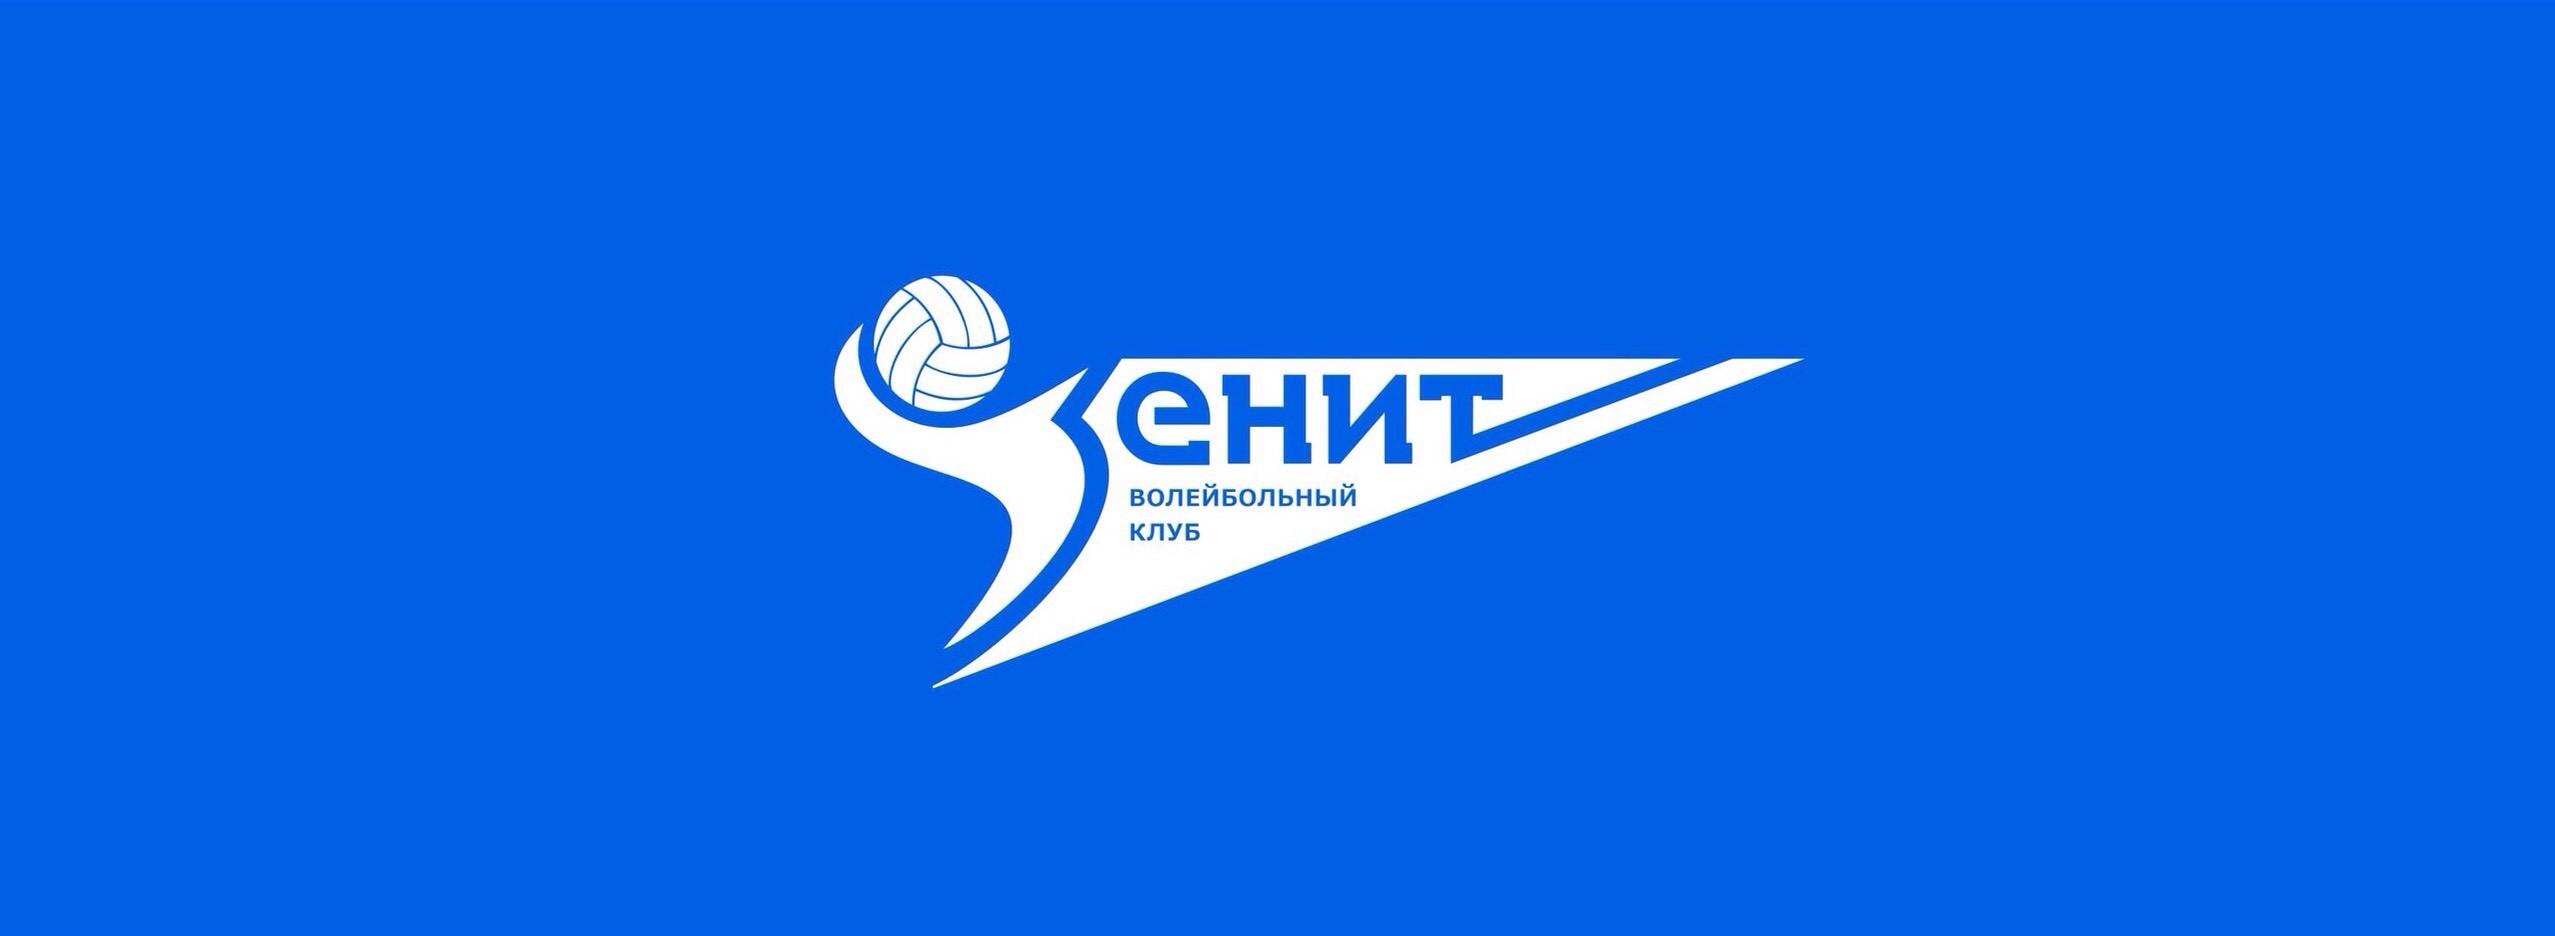 Логотип клуба. Фото: © L!FE